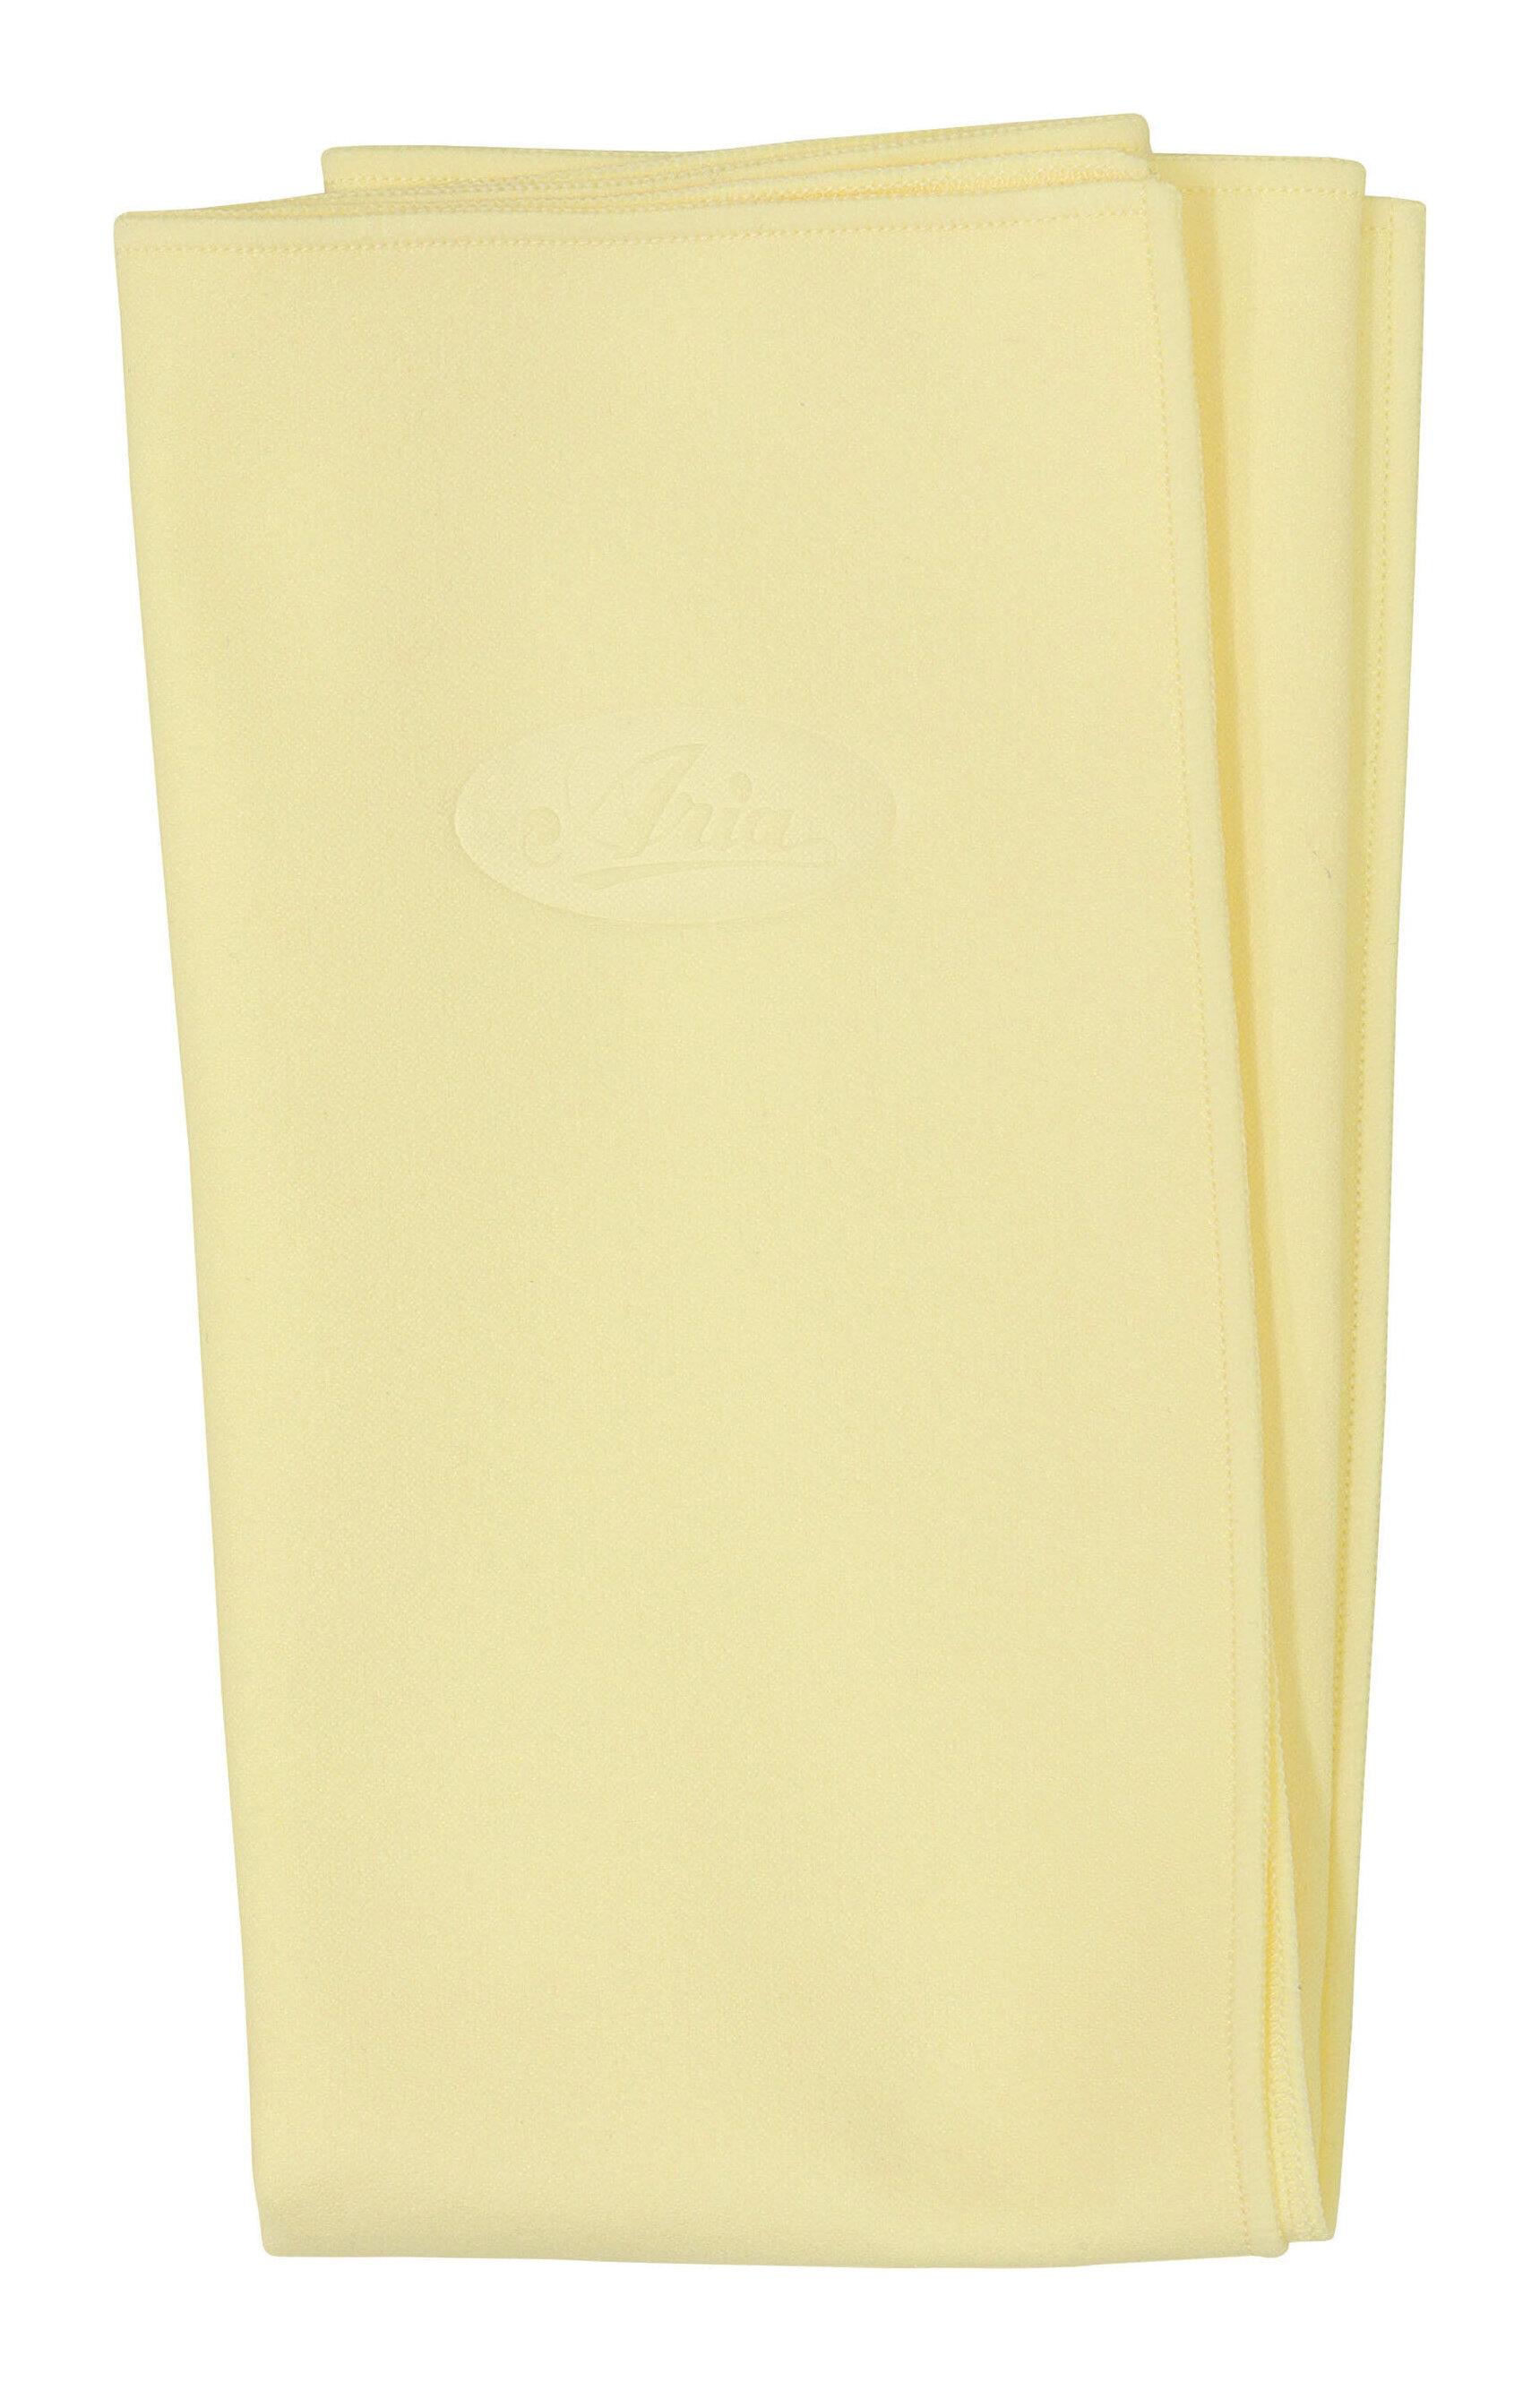 アリア Aria 無料 CC-500 WH White smtb-TK 全国送料無料 通販 激安 代金引換不可 メール便発送 楽器用クロス